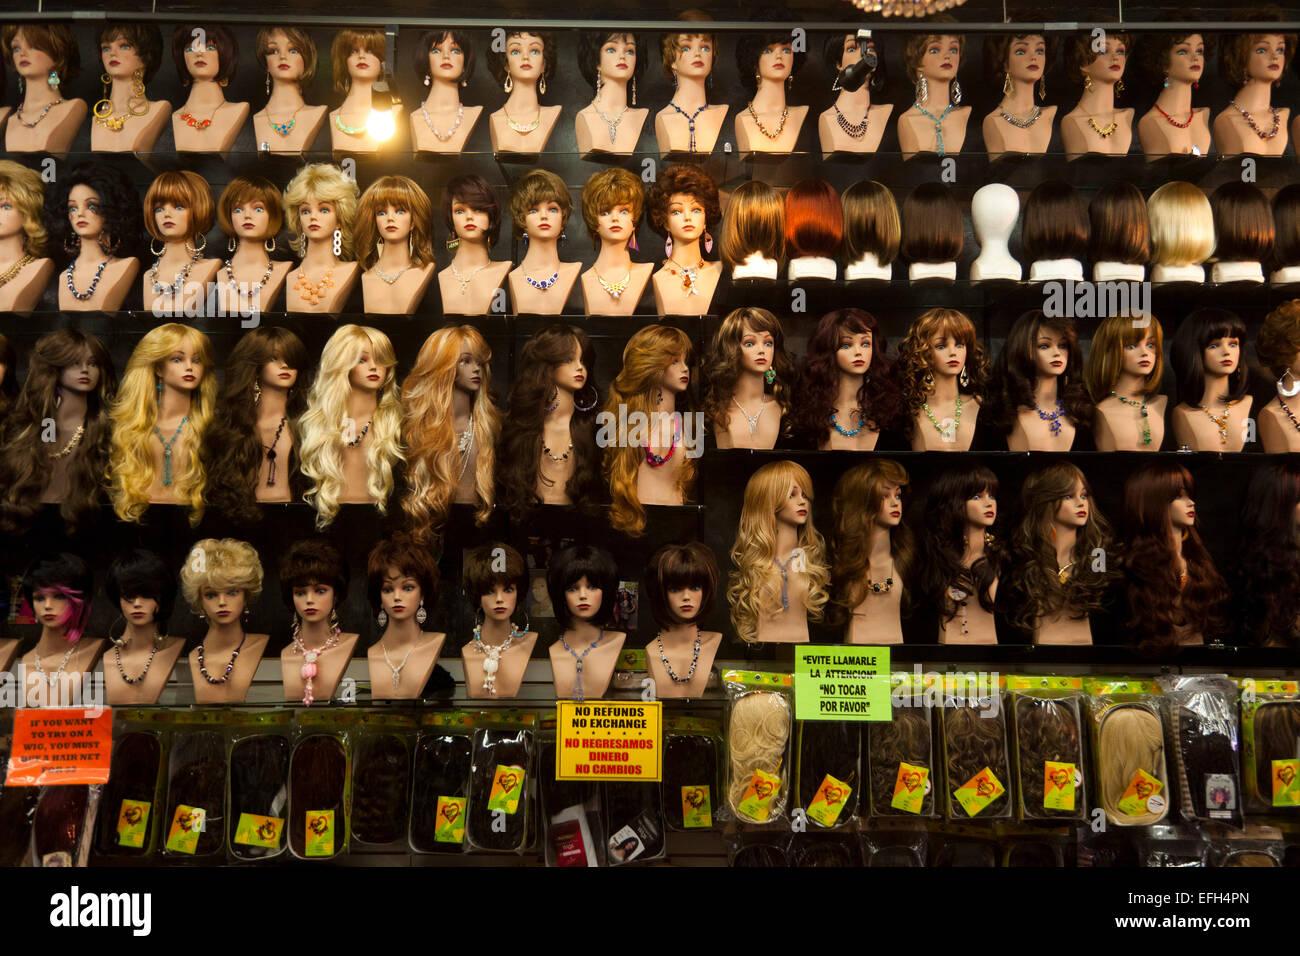 La la fashion district - Wigs Santee Alley La Fashion District Los Angeles California United States Of America